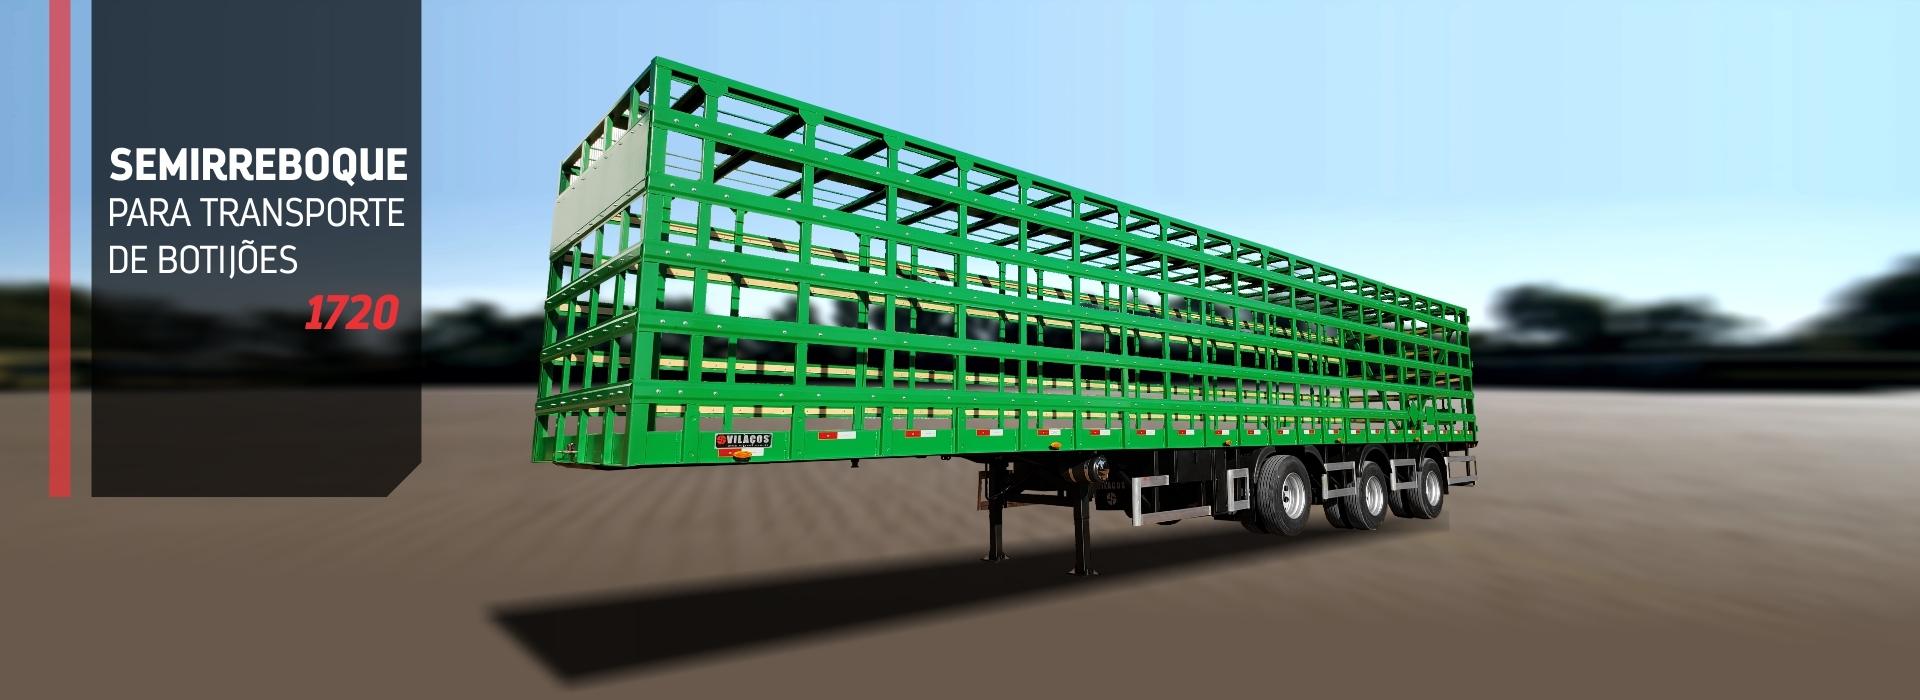 Semirreboque  para transporte de butijoes